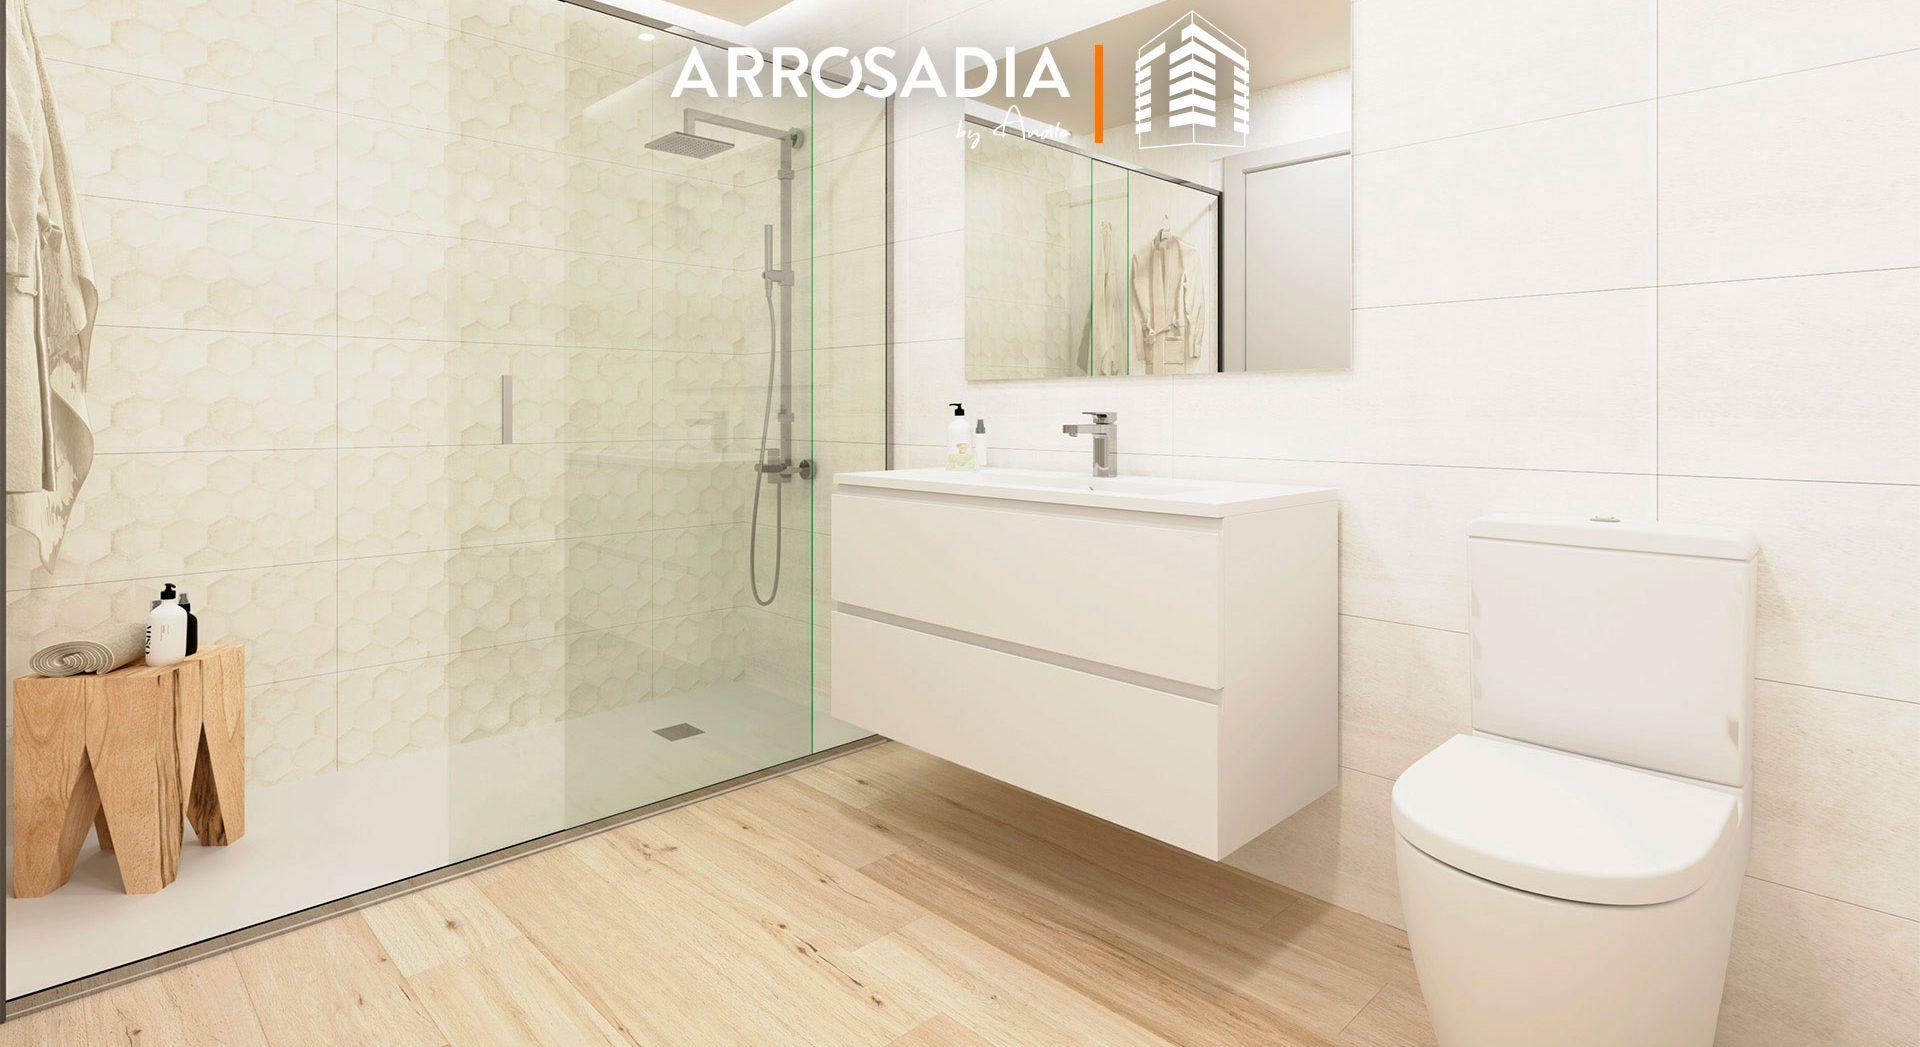 ANDIA_ARROSADIA_BANOS-slide-1920x1047